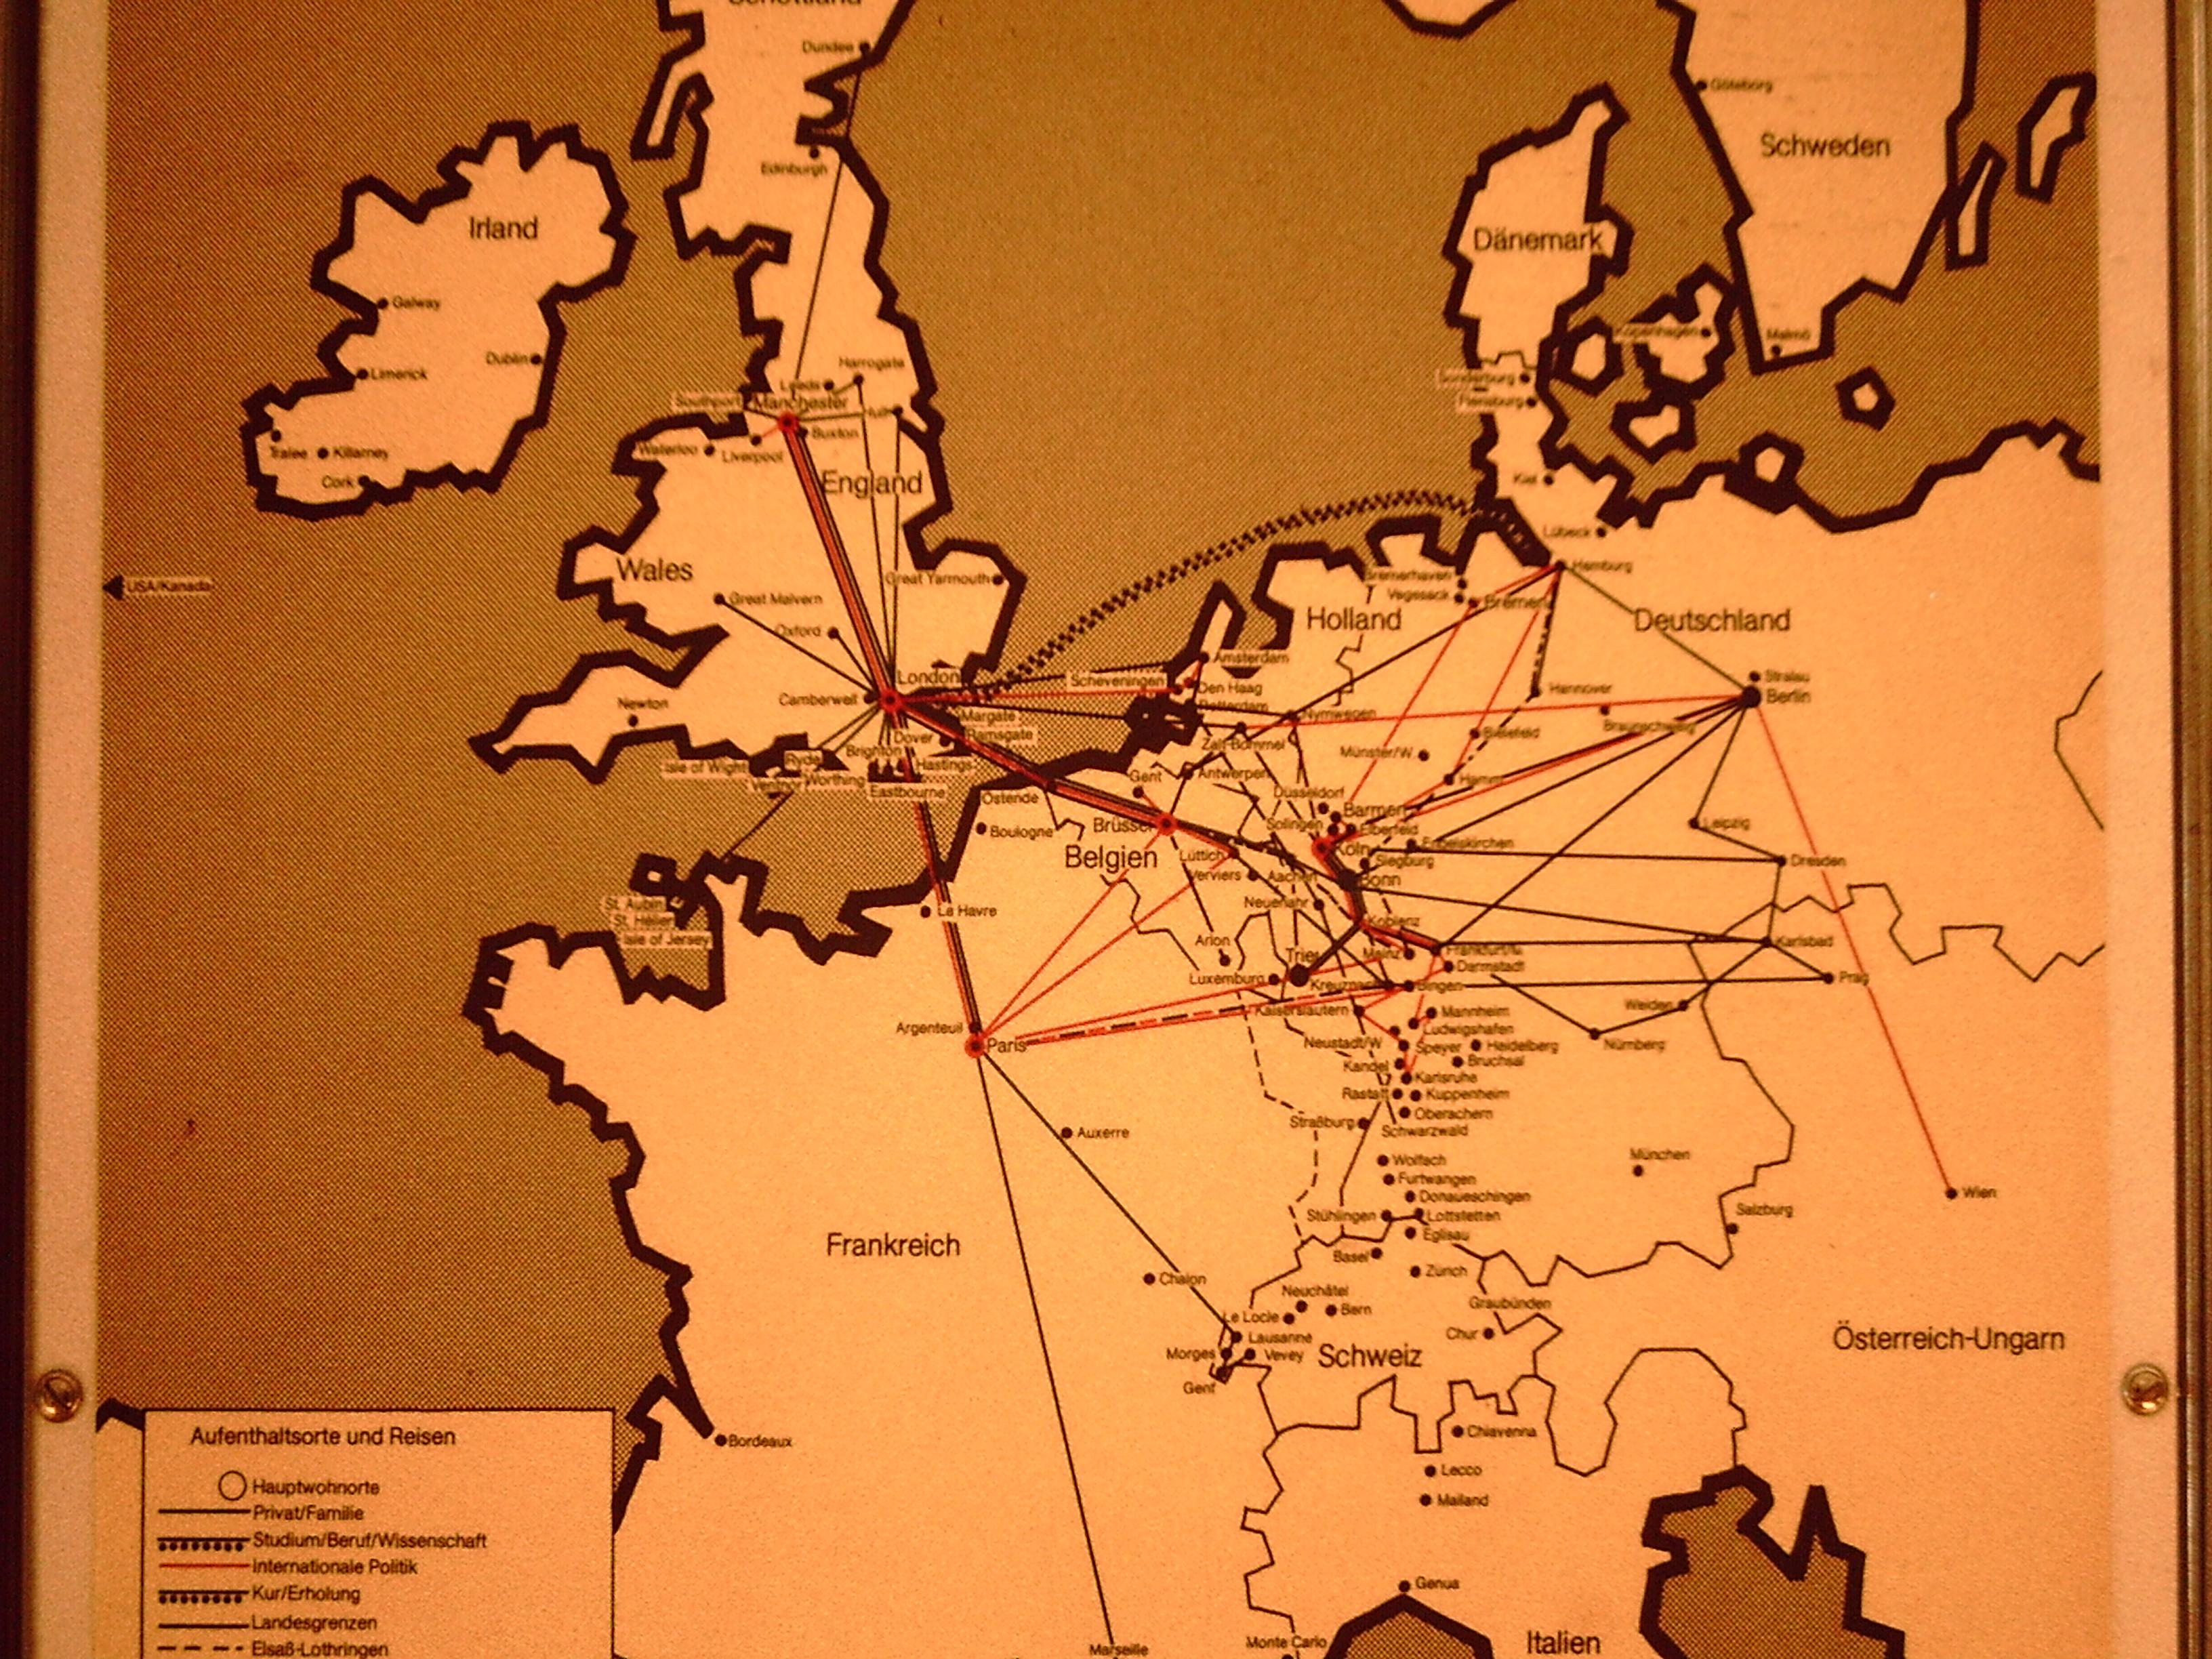 Aufenthaltsorte und Reisen